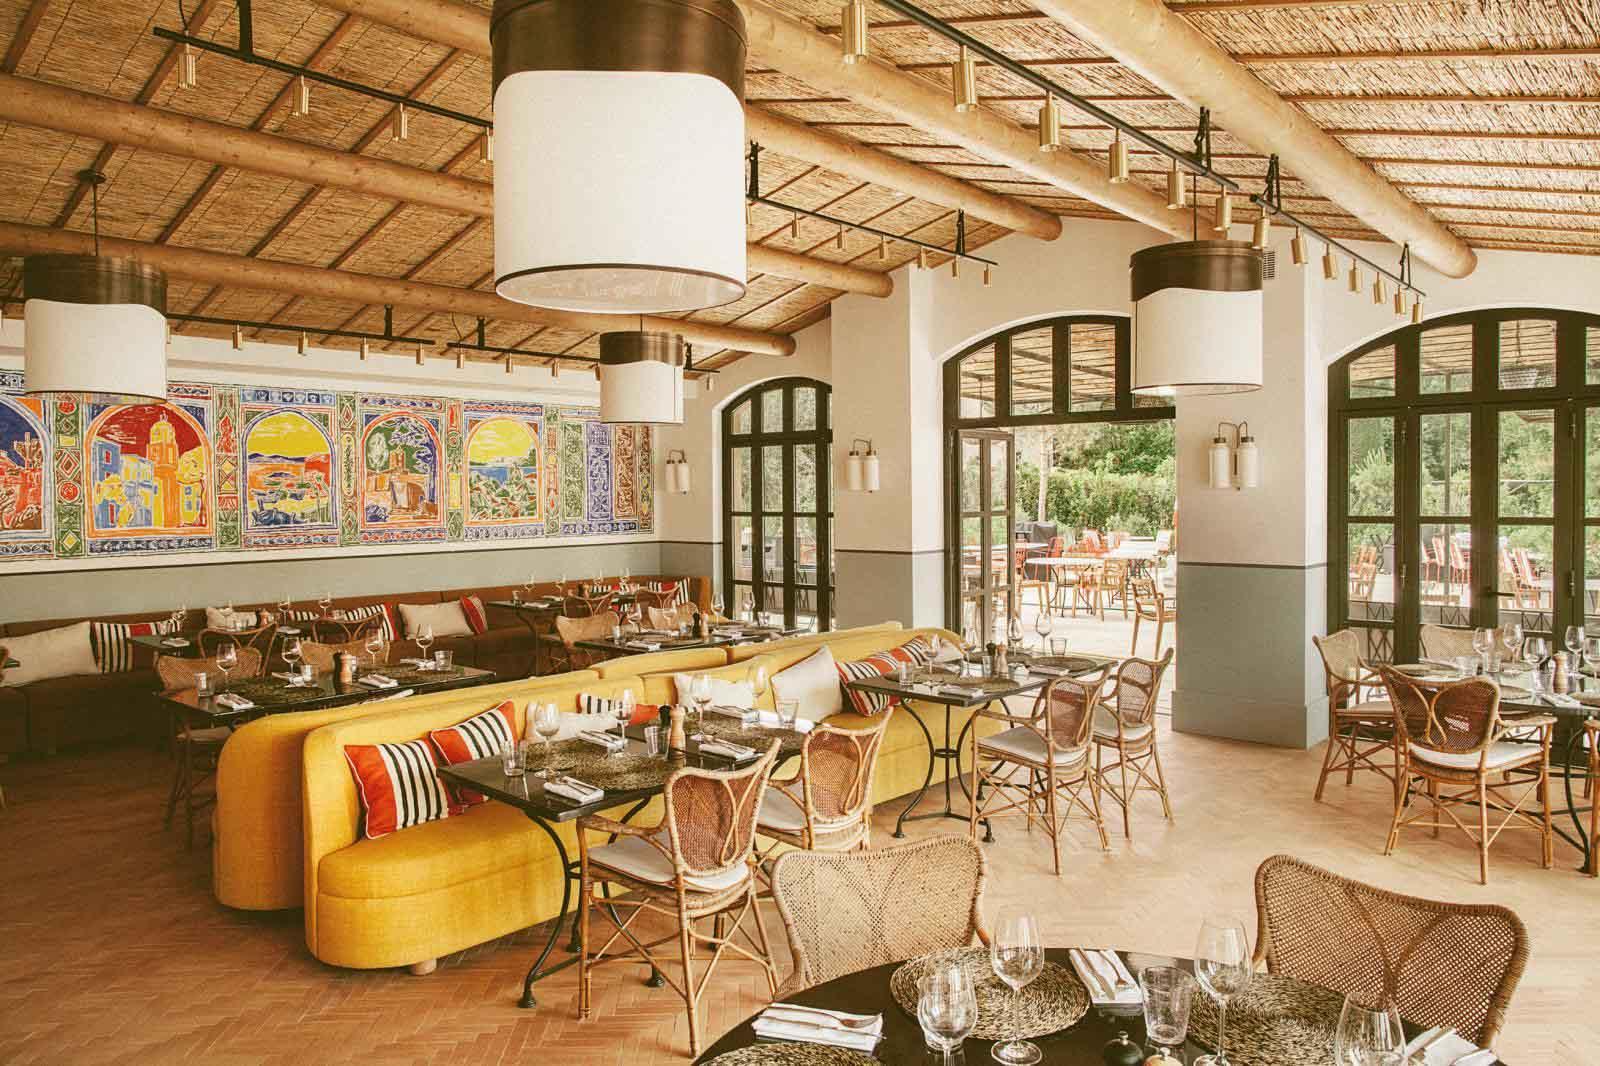 Le restaurant du Lou Pinet rend hommage à l'ébullition artistique en Provence au début du siècle © Matthieu Salvaing